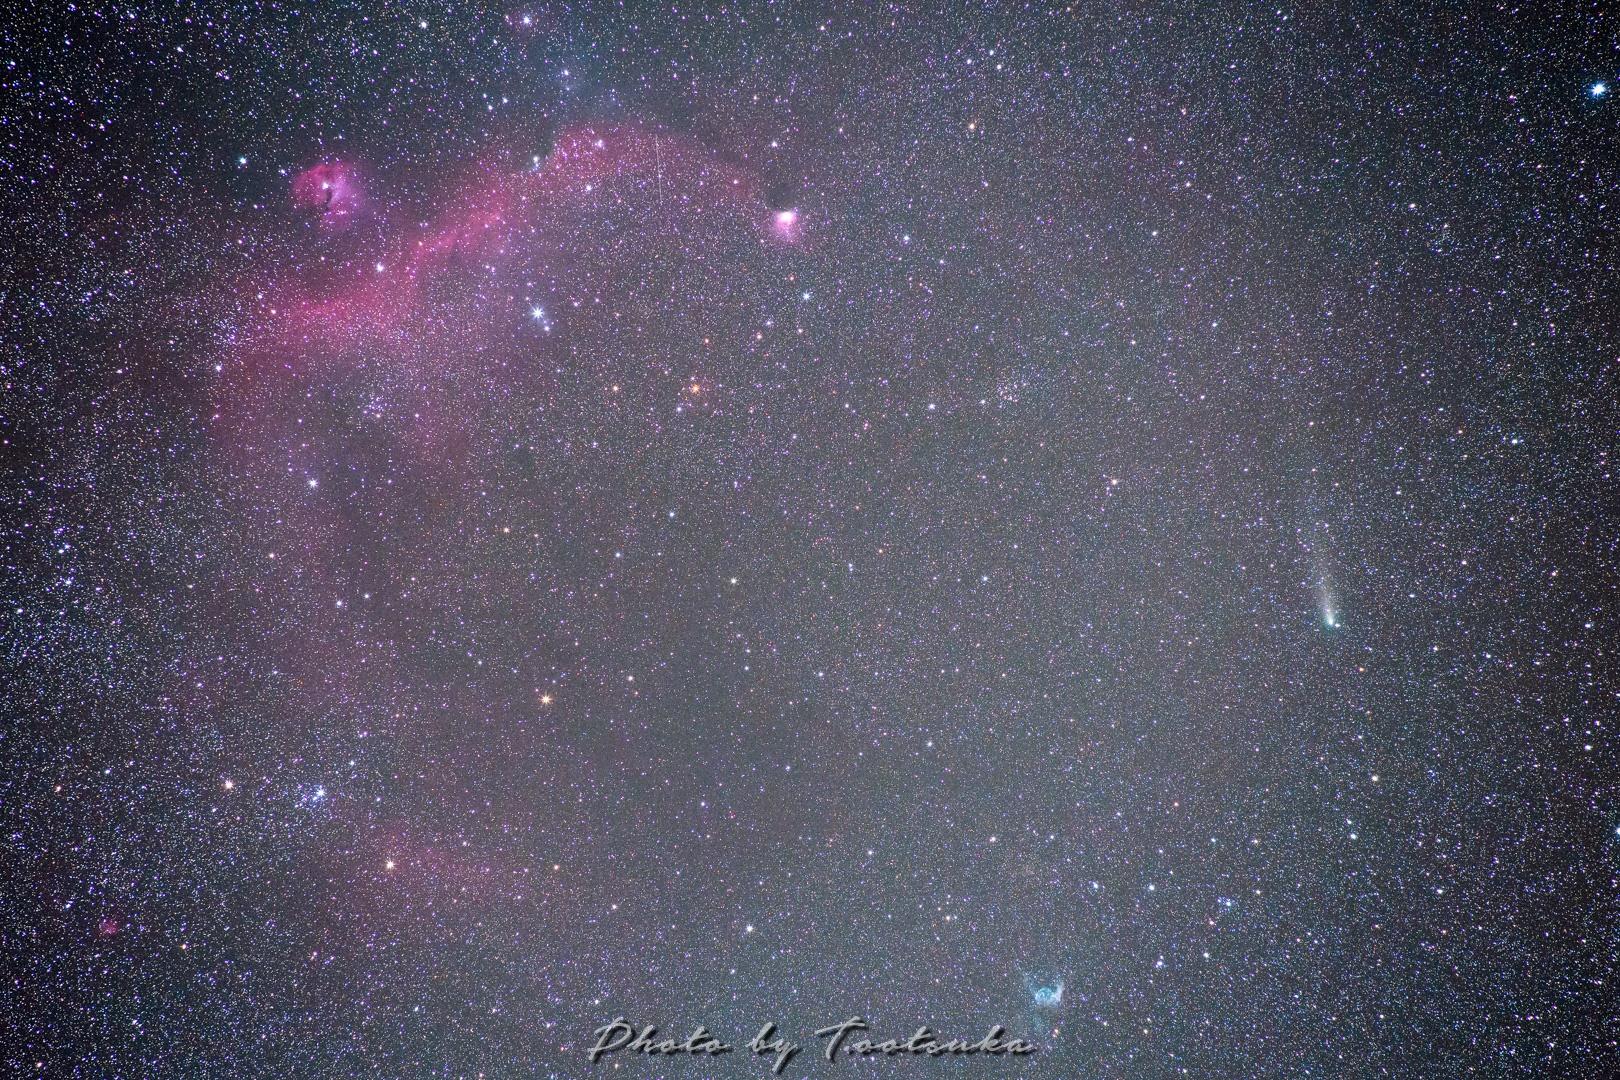 かもめ星雲と彗星